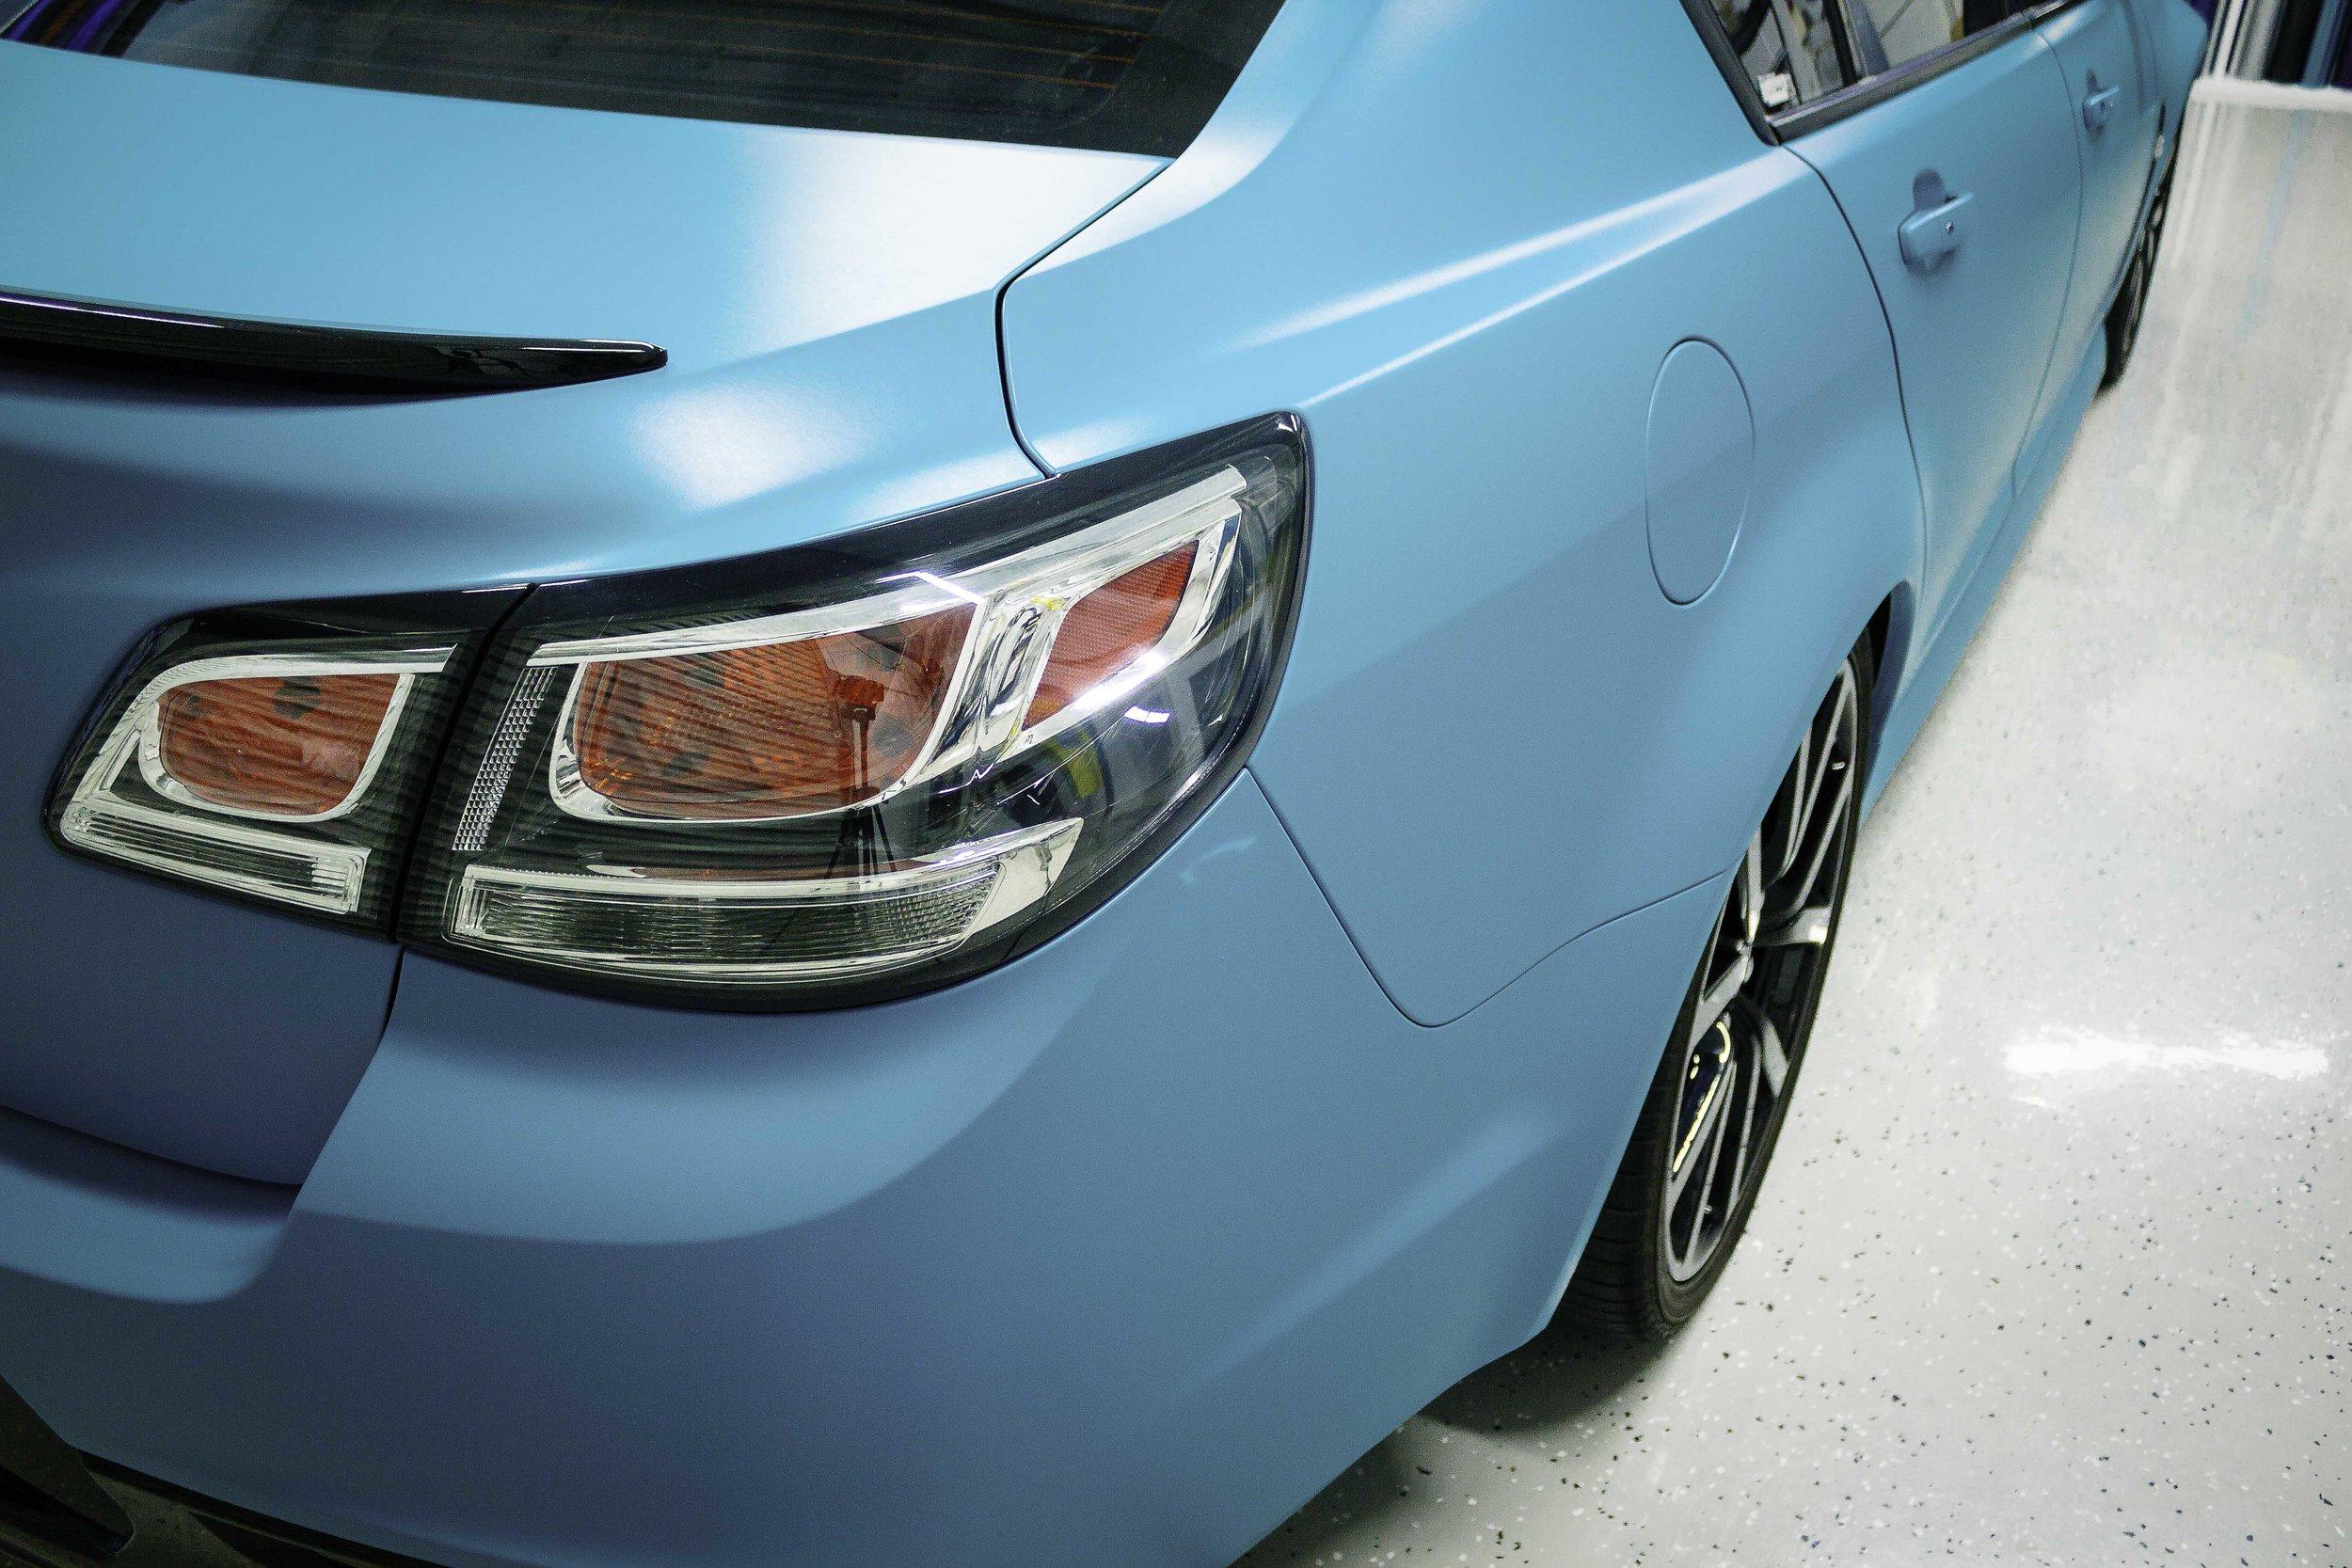 Holden Vf Ssv Sedan Hexis Turquoise Matte Wrapped On